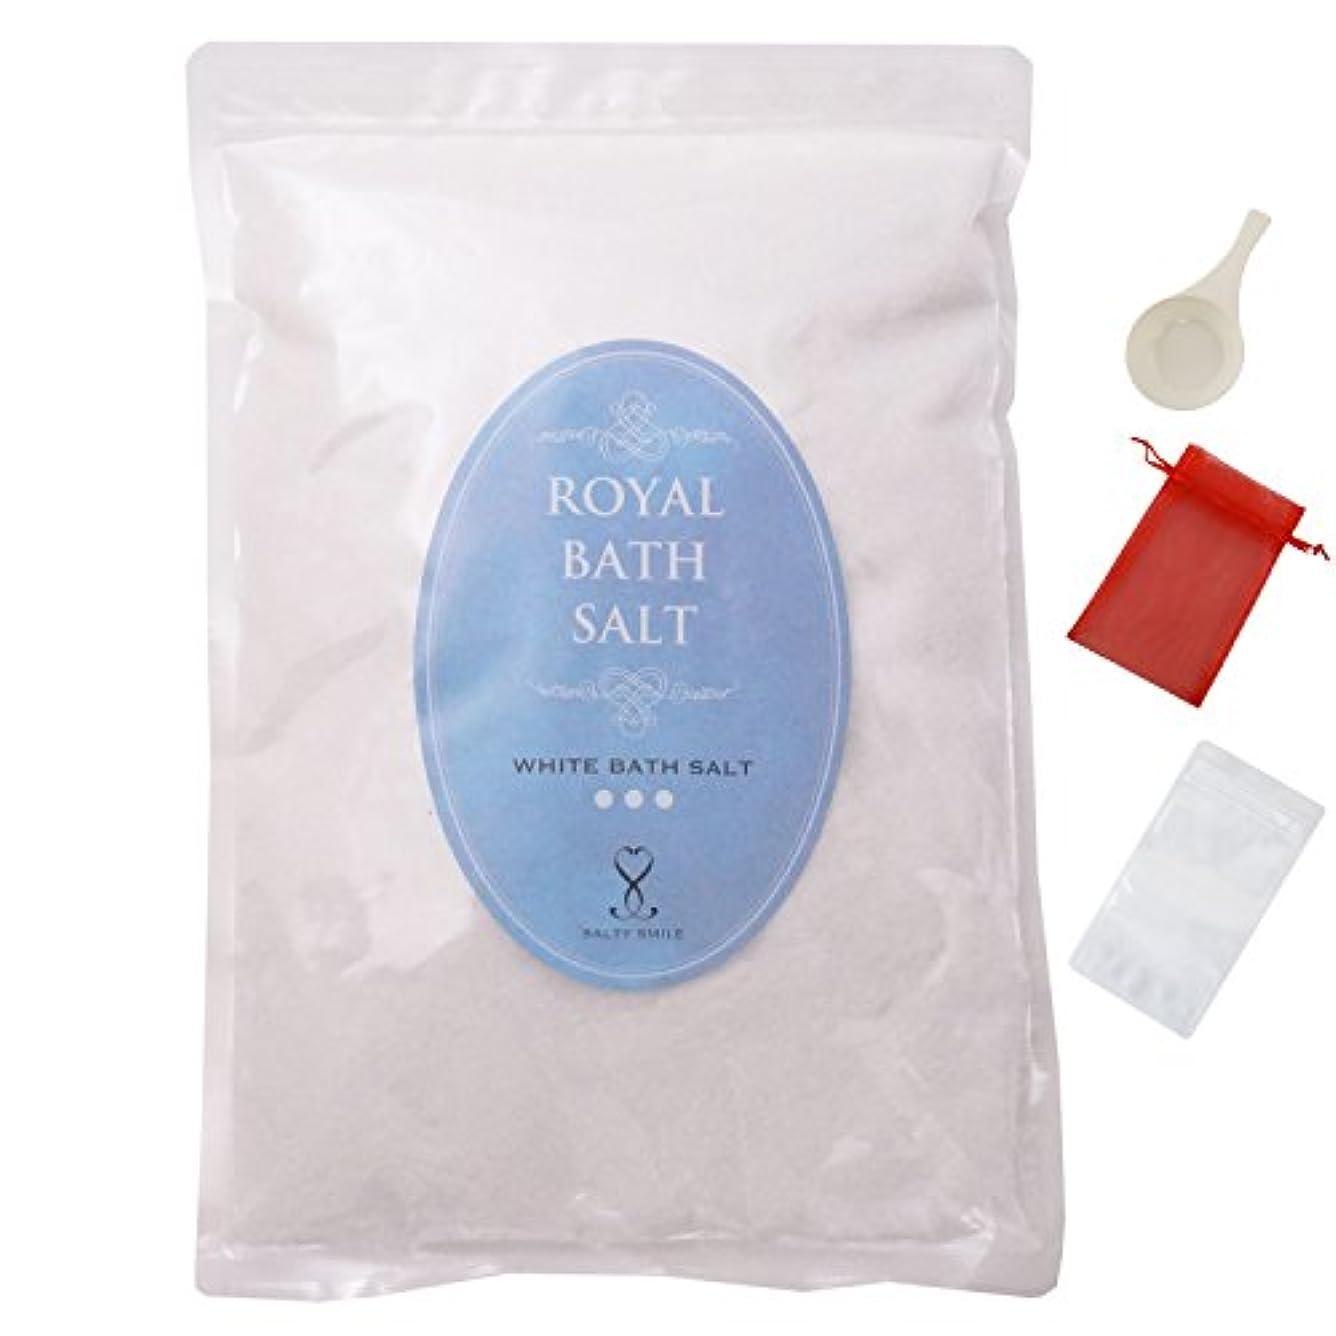 見えない一口予測ロイヤル バスソルト ヒマラヤ岩塩 クリスタル ホワイト パウダー 細粒 ROYAL BATH SALT (1,000g【1㎏】)